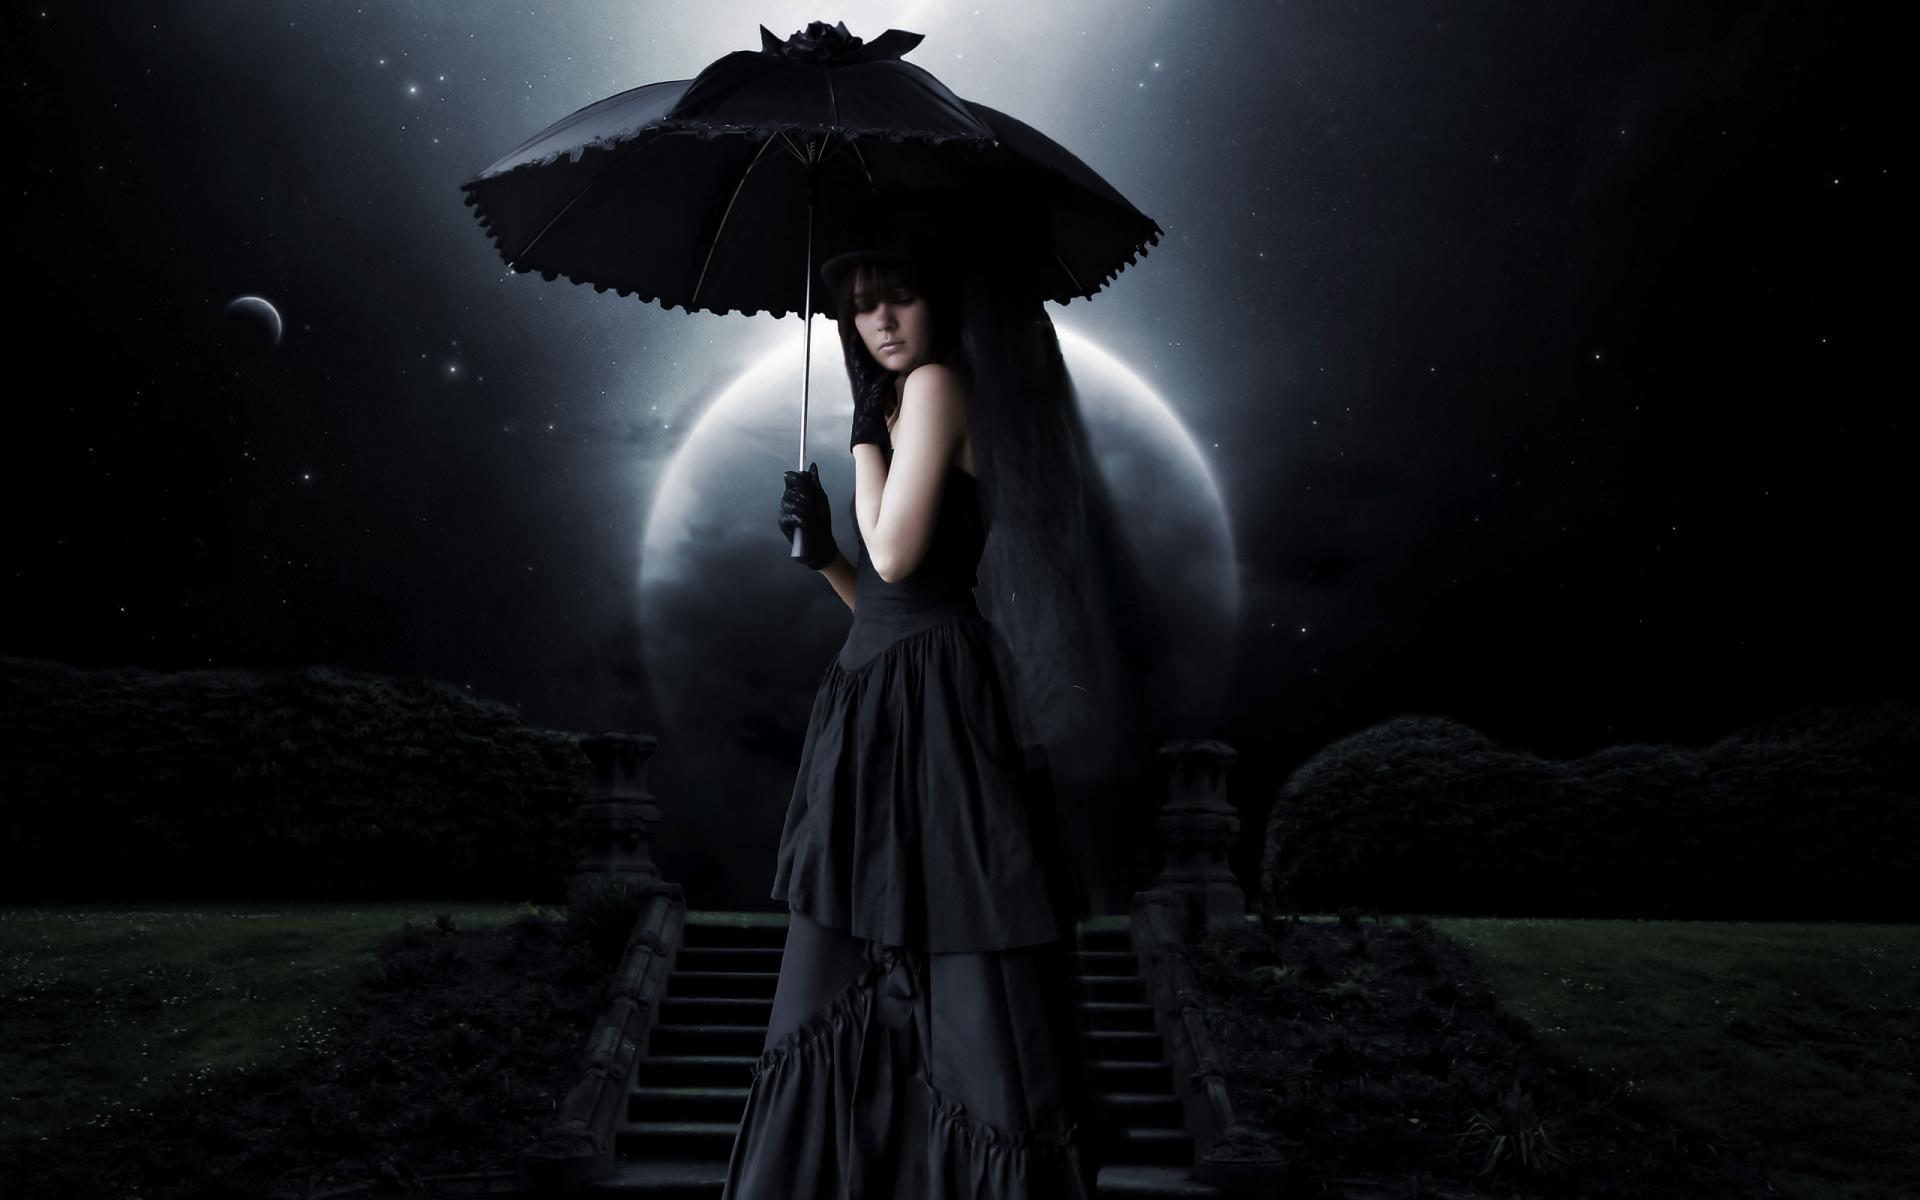 Dark   Gothic Woman Goth Dark Umbrella Wallpaper 1920x1200